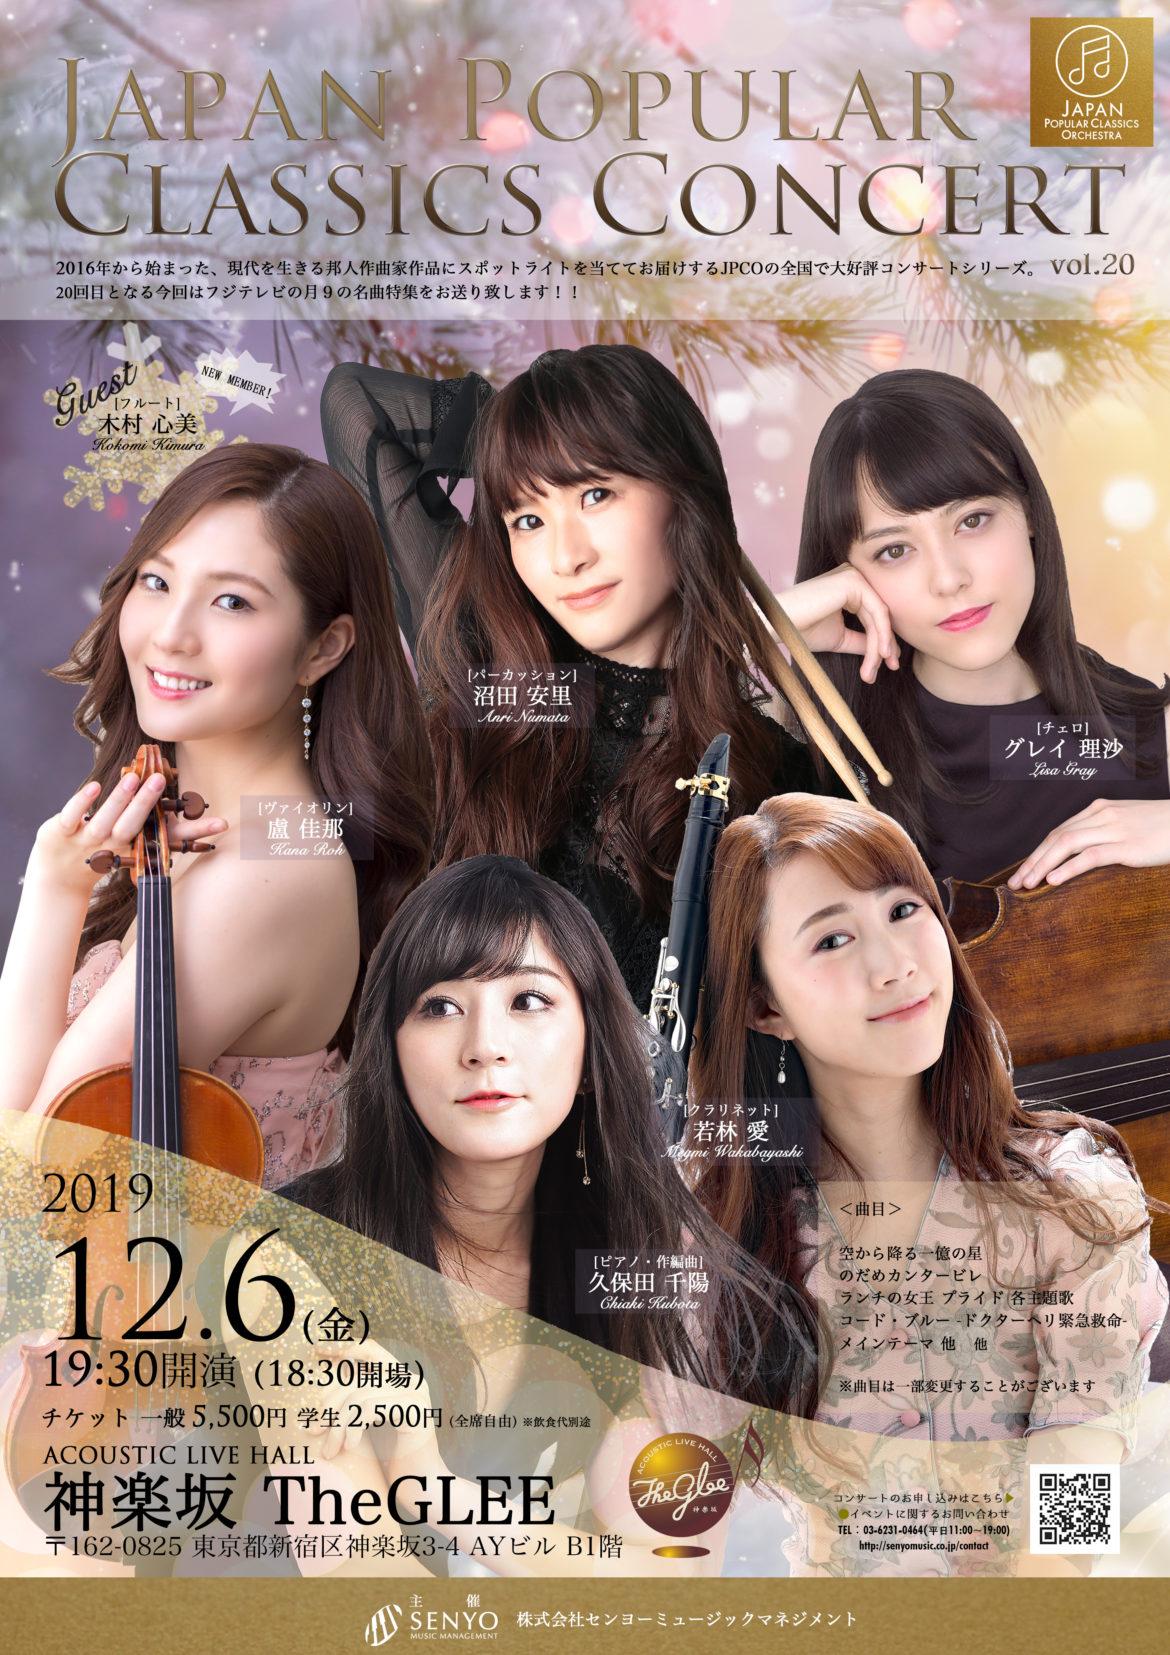 2019.12.6 第20回 JAPAN POPULAR CLASSICS CONCERT